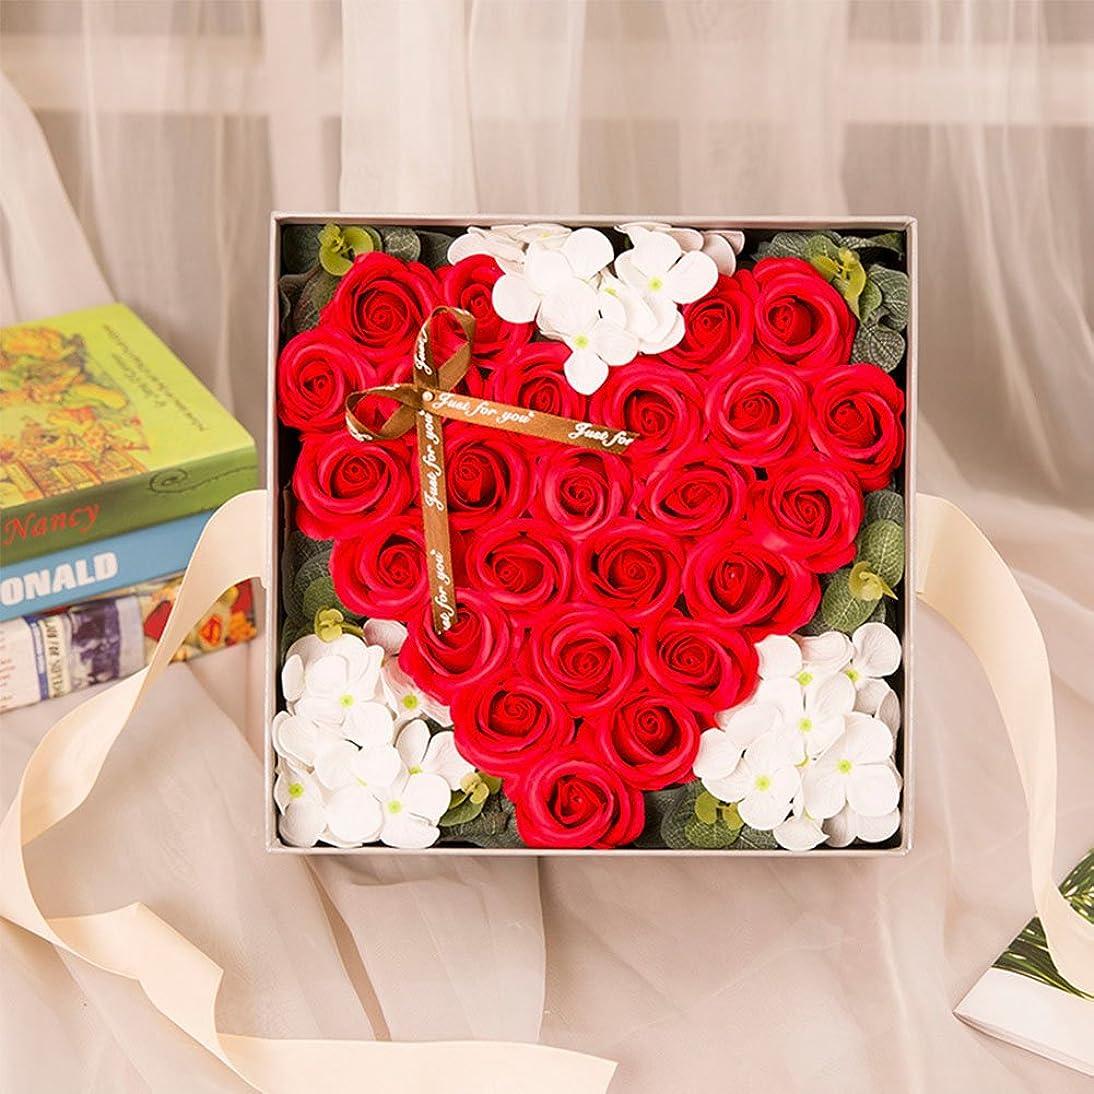 障害者望ましい炭水化物RaiFu クリエイティブ シミュレーションローズ手作り石鹸 ギフトボックスホームデコレーション ユニークなギフト 赤い桃の心